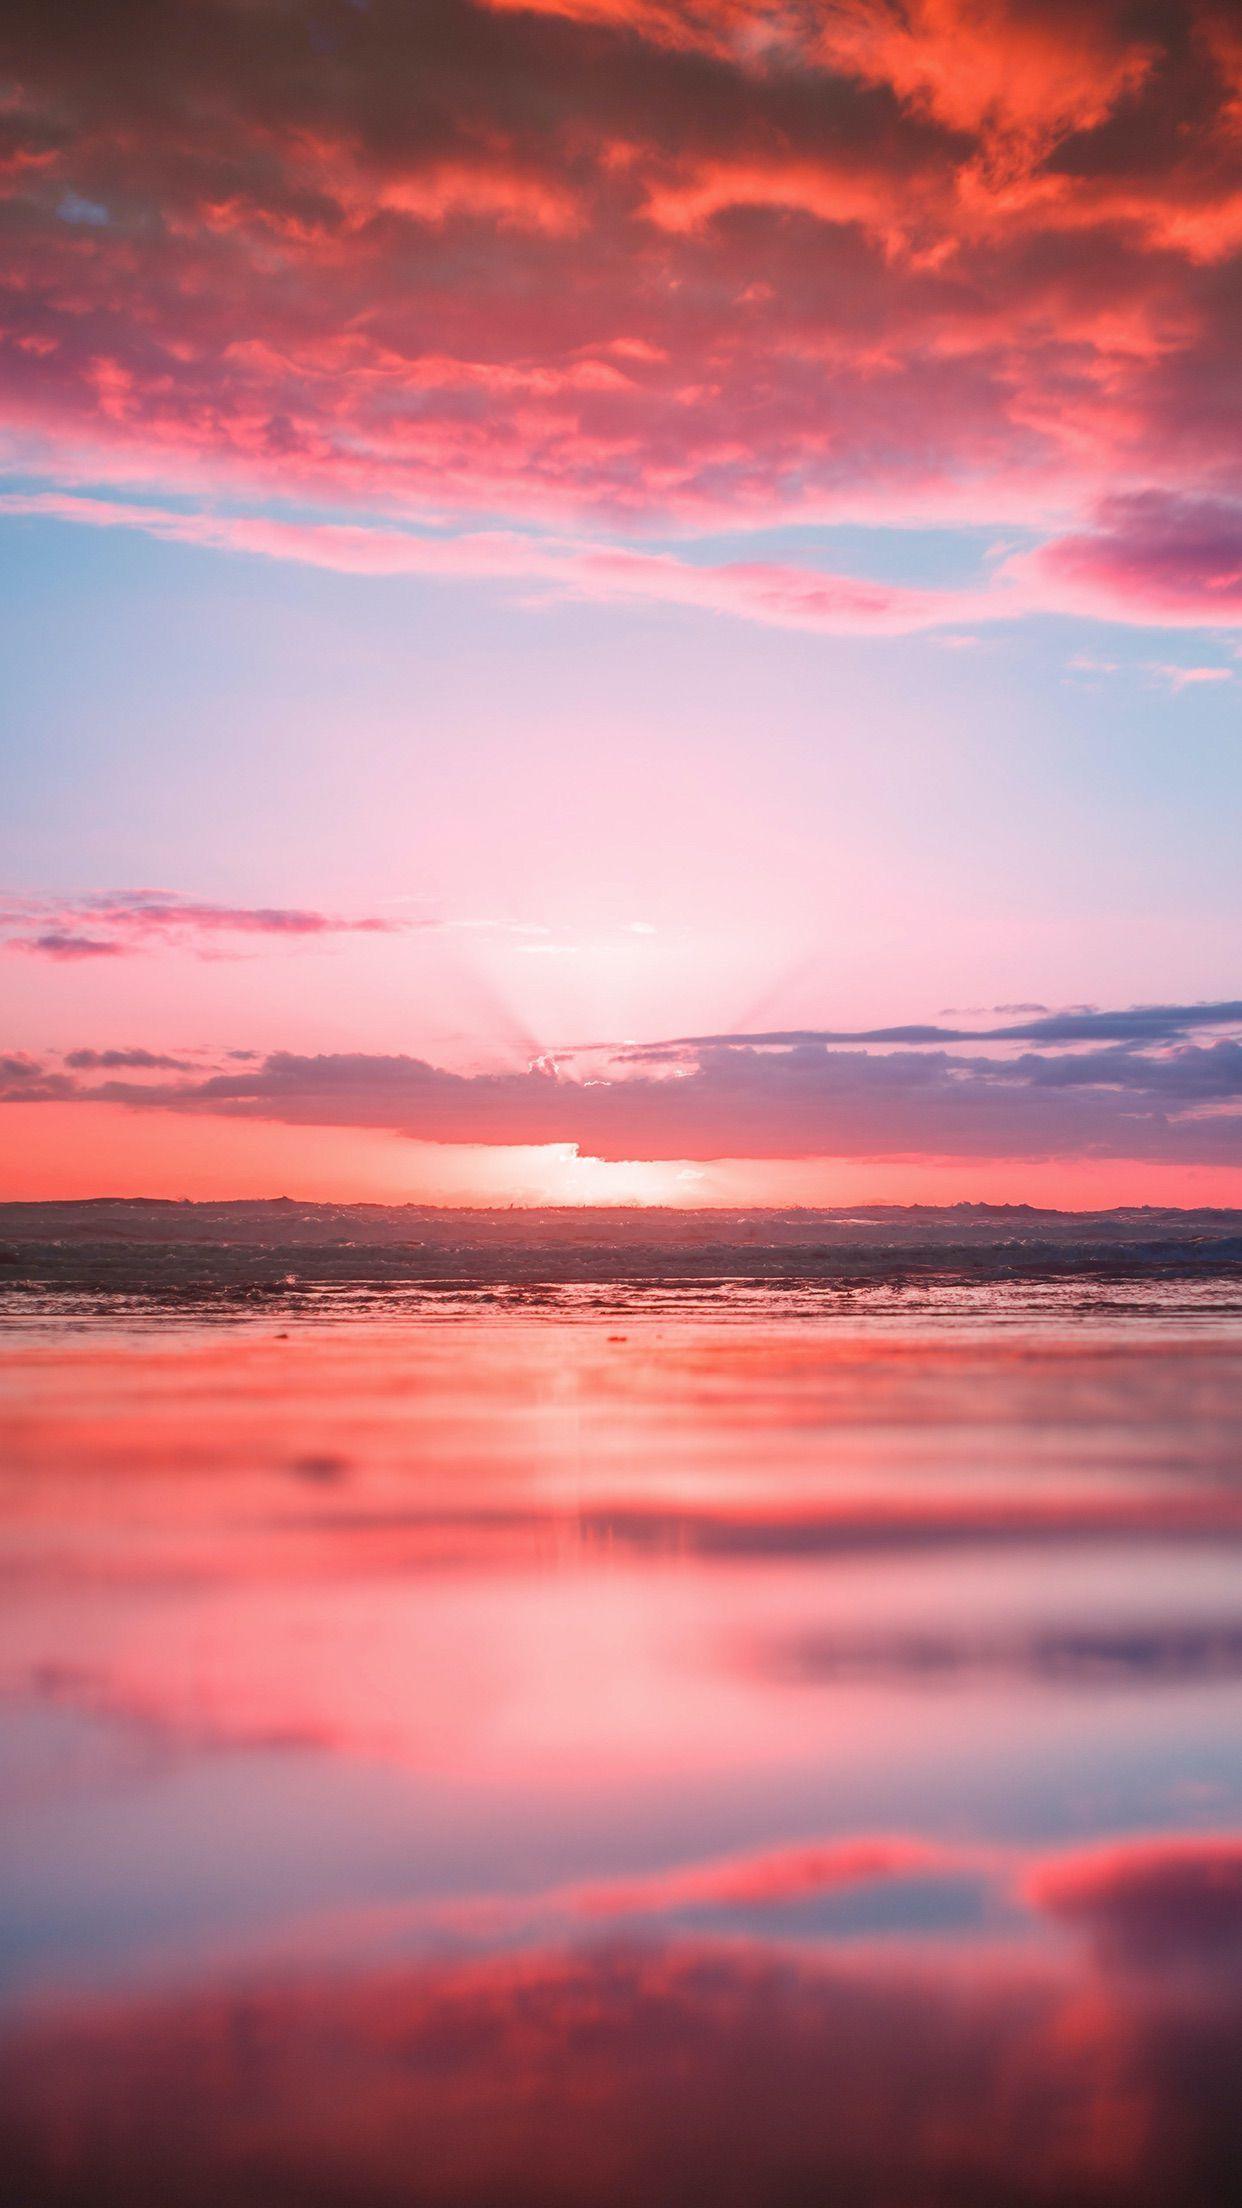 Pink sunset iPhone wallpaper Ocean wallpaper